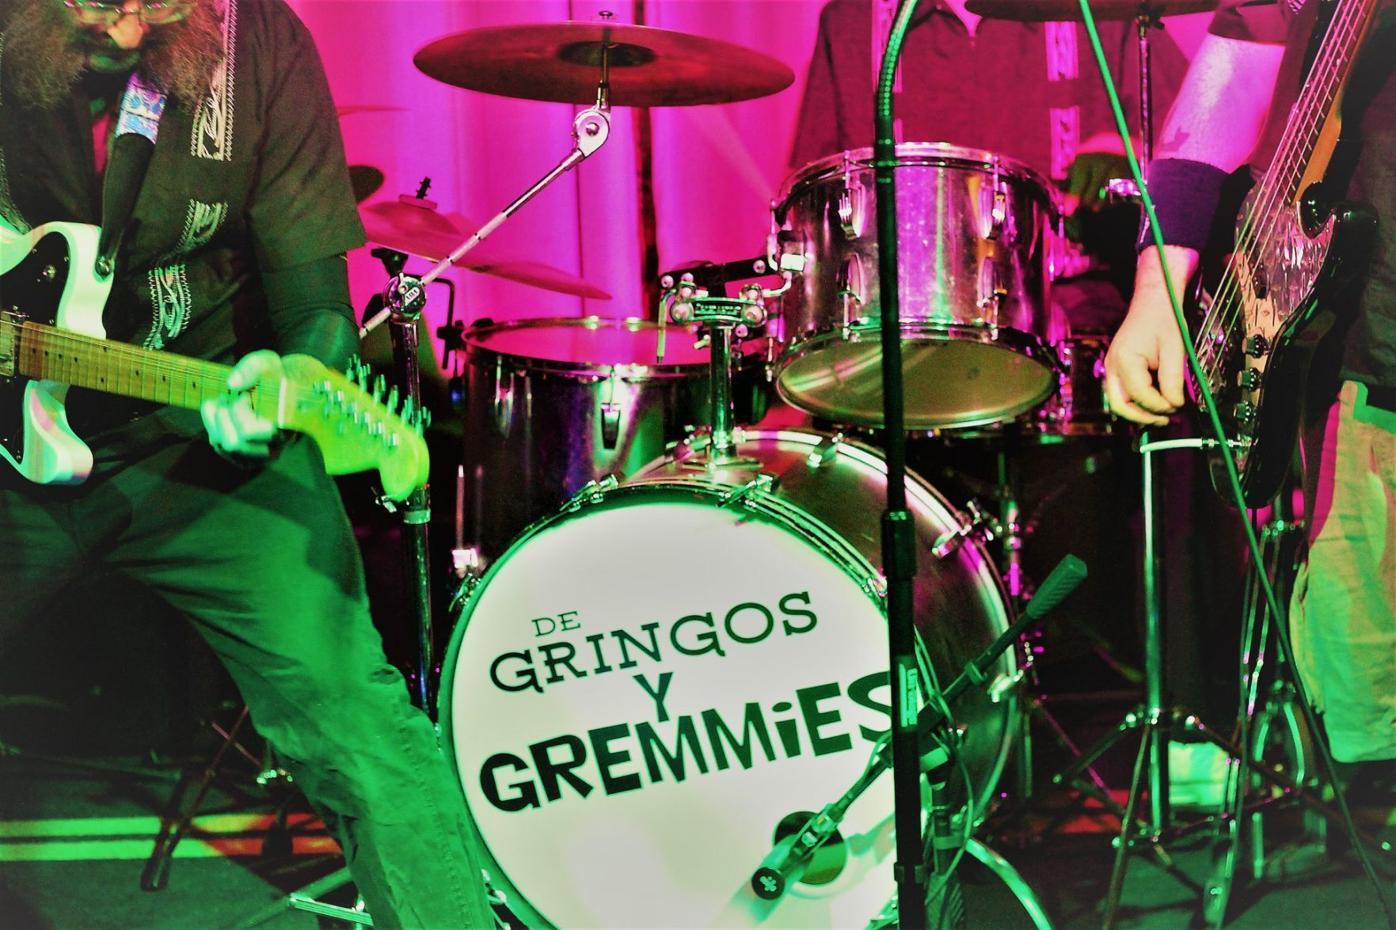 De Gringos Y Gremmies